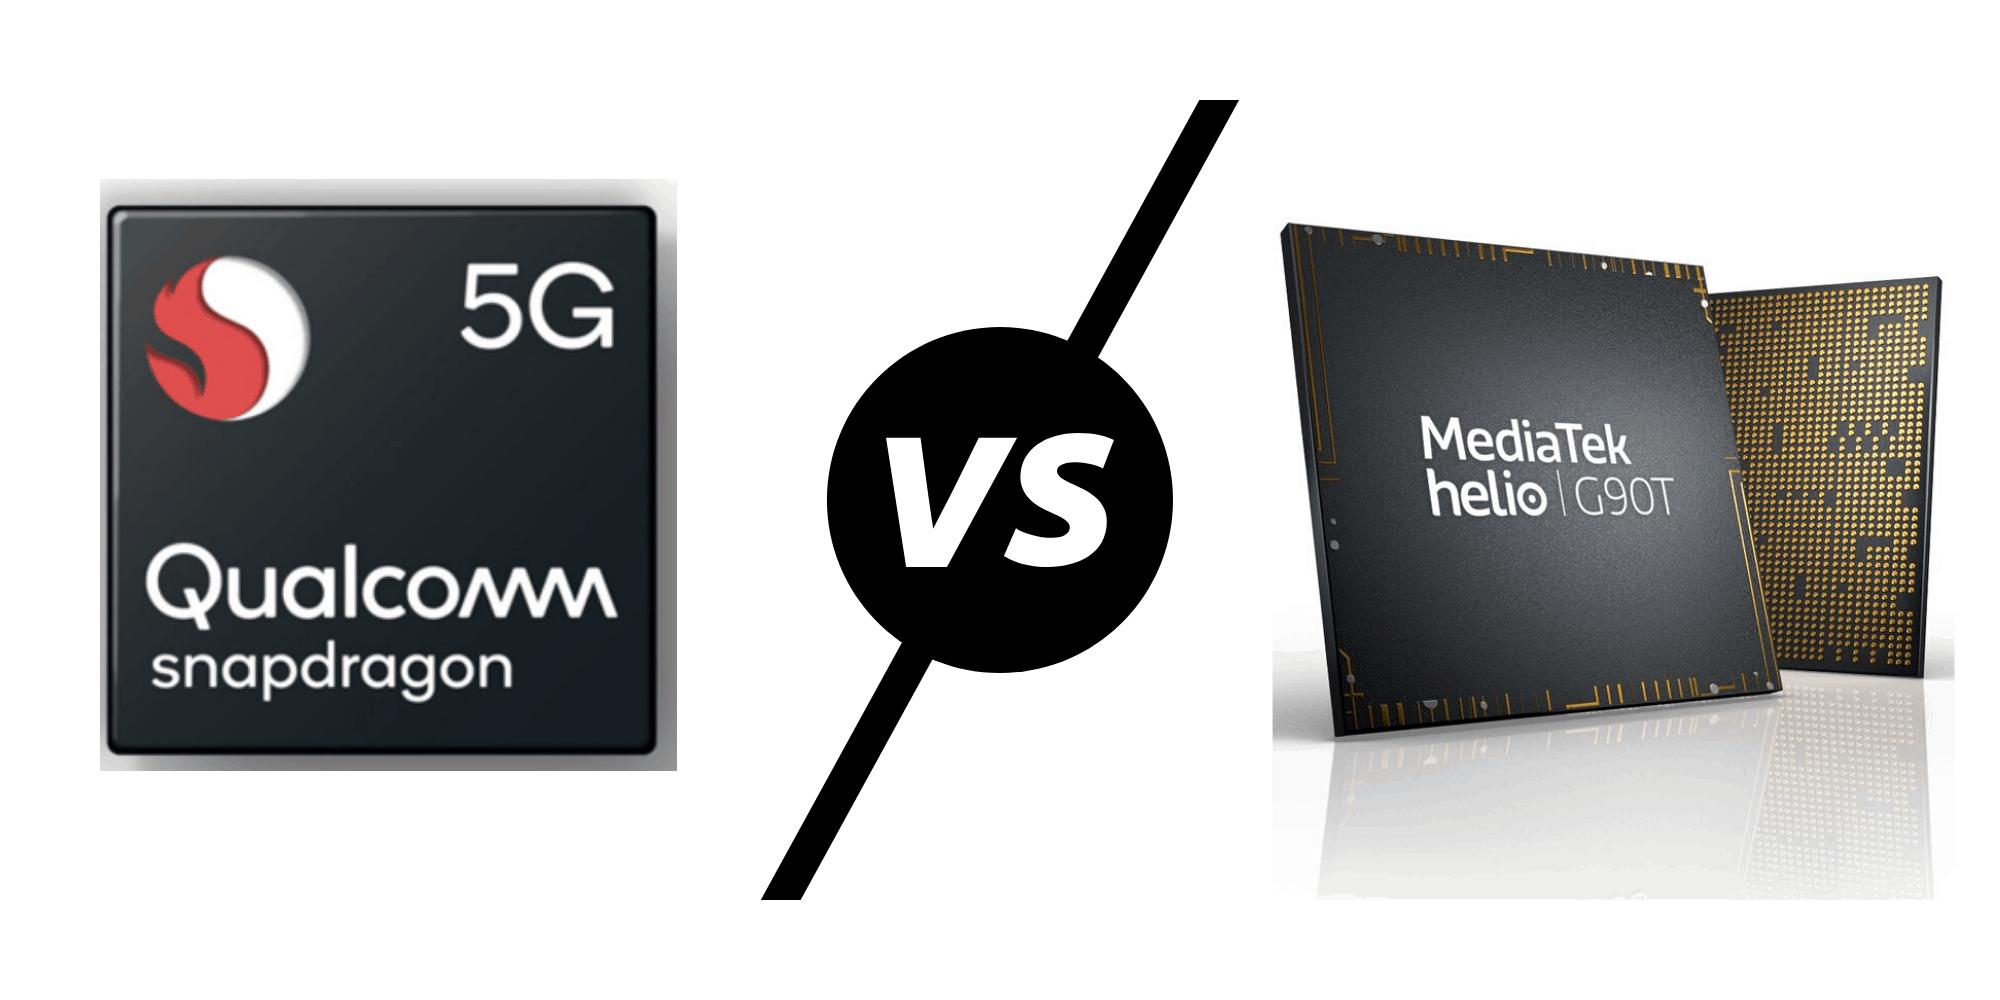 Qualcomm-Snapdragon-765G-vs-730G-vs-MediaTek-Helio-G90T